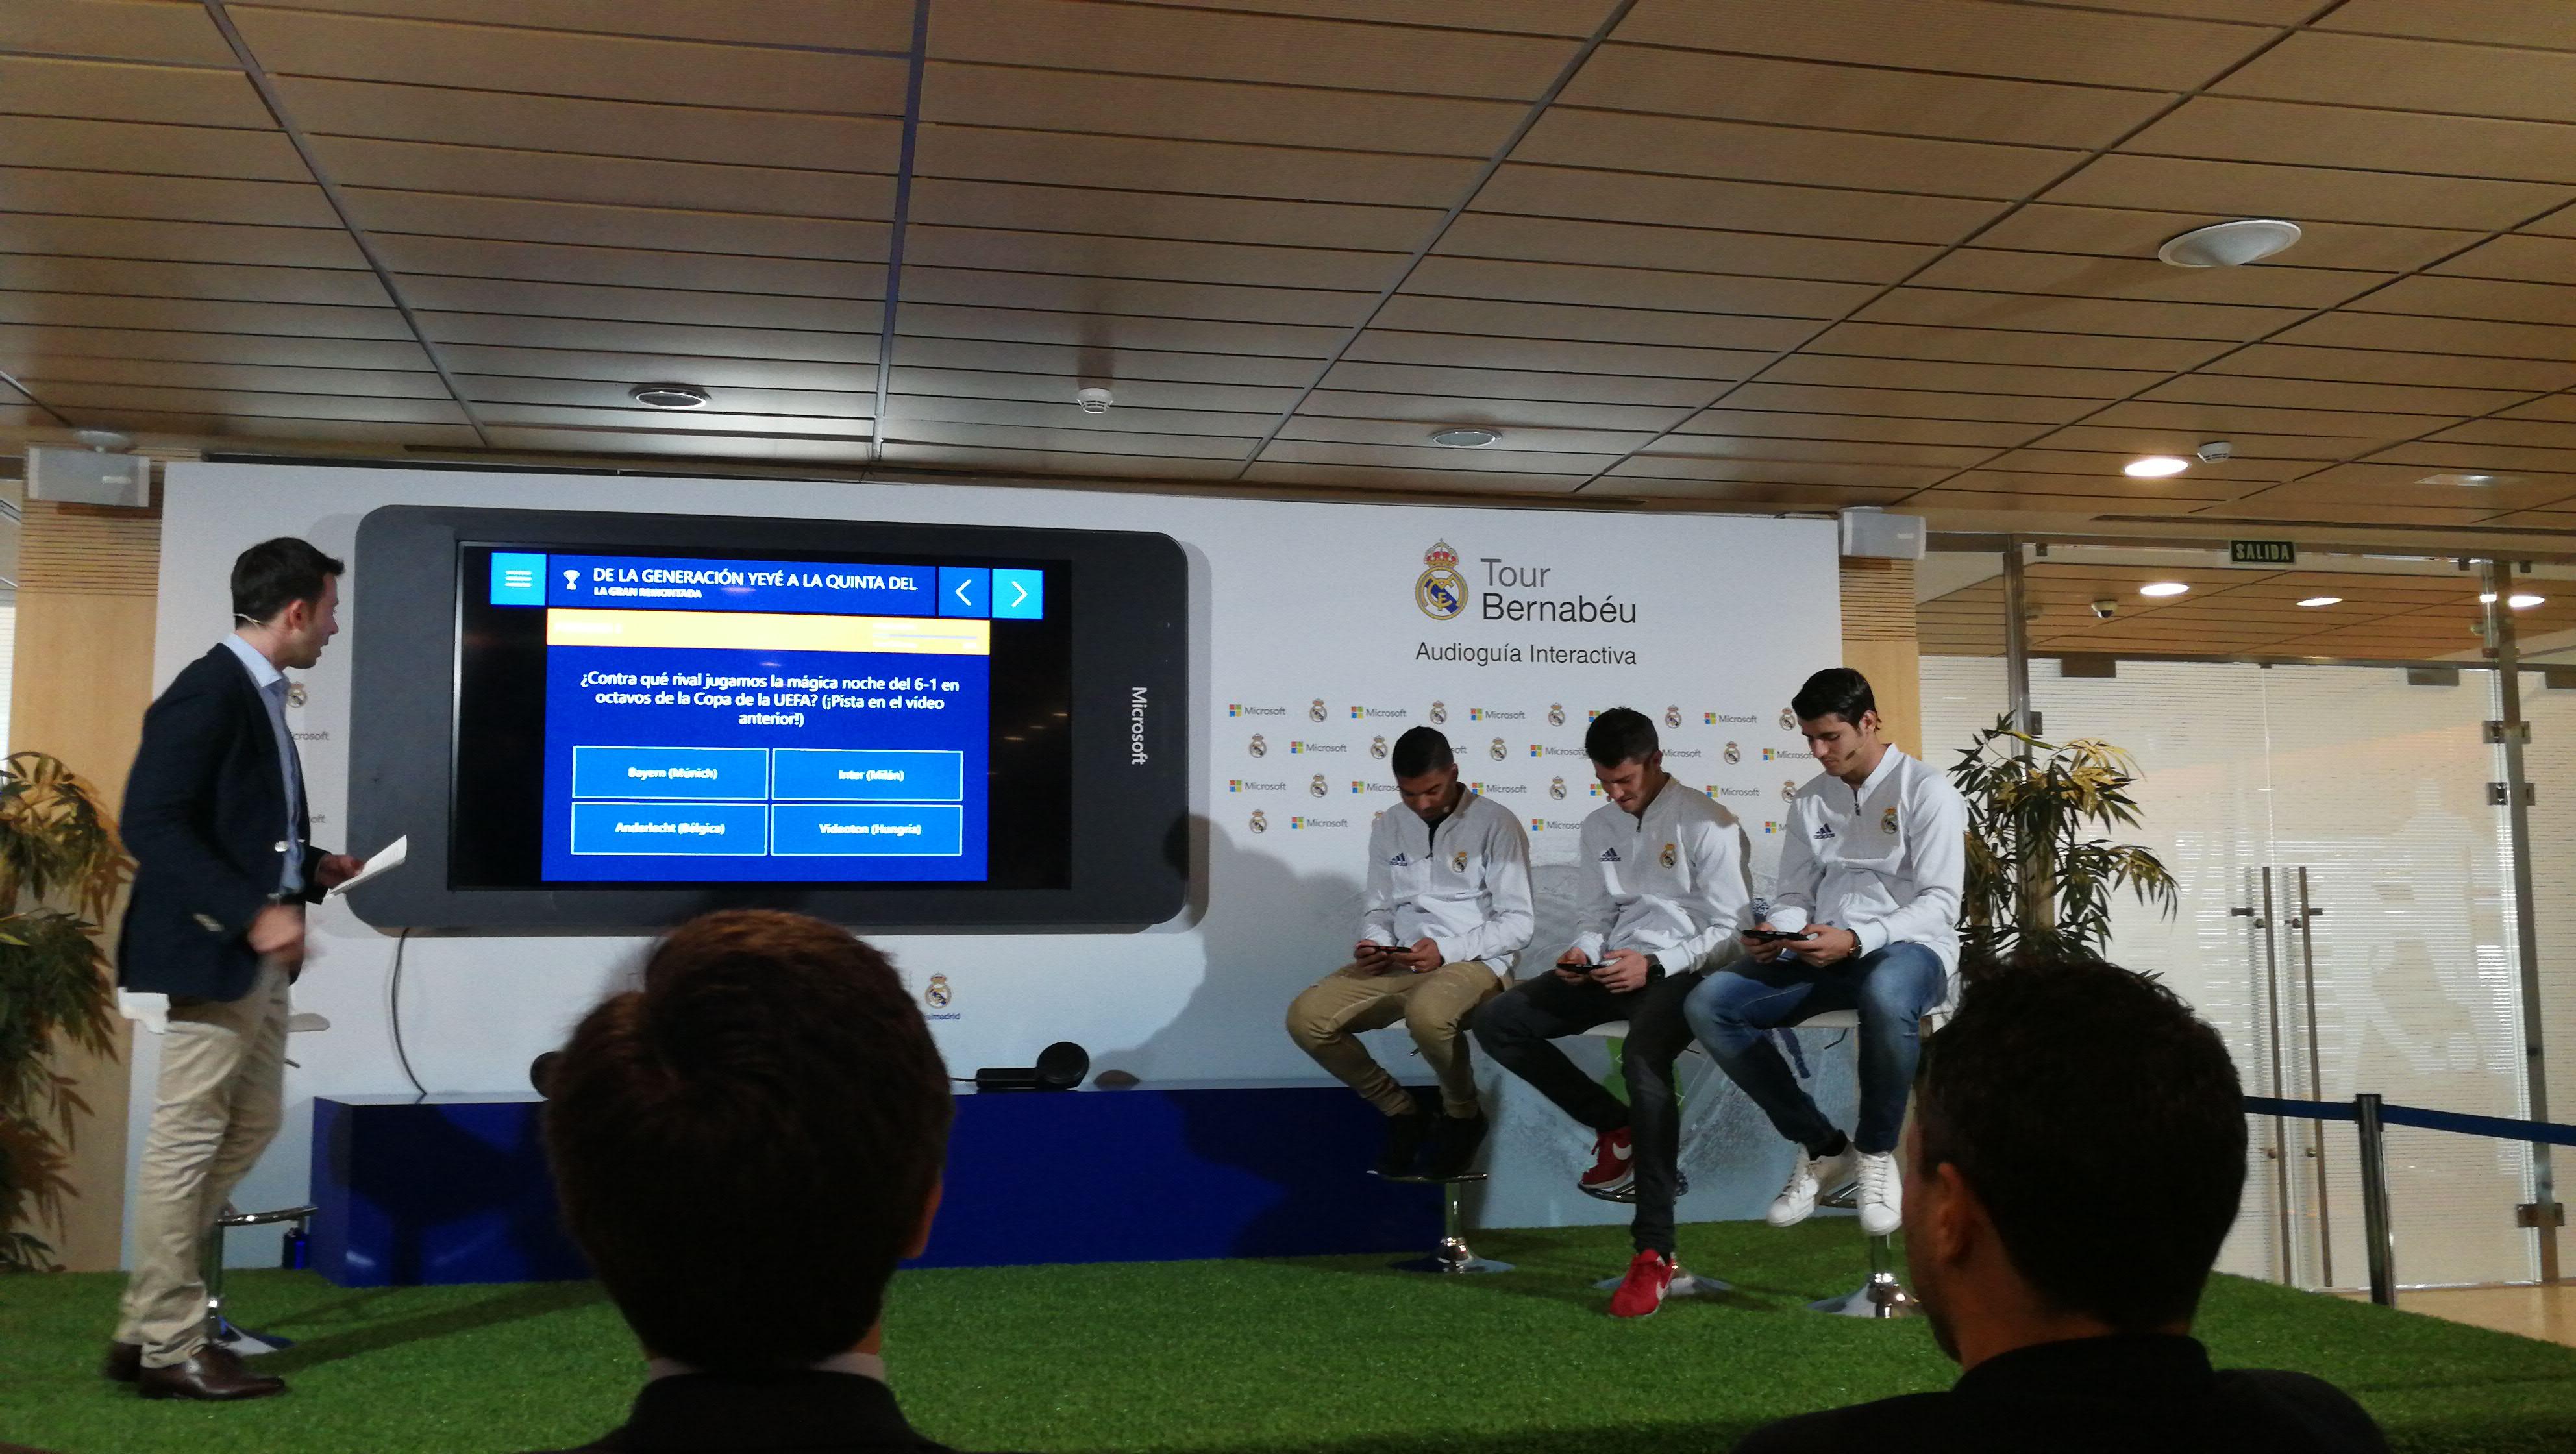 El Real Madrid y Microsoft presentan su Audioguía Interactiva